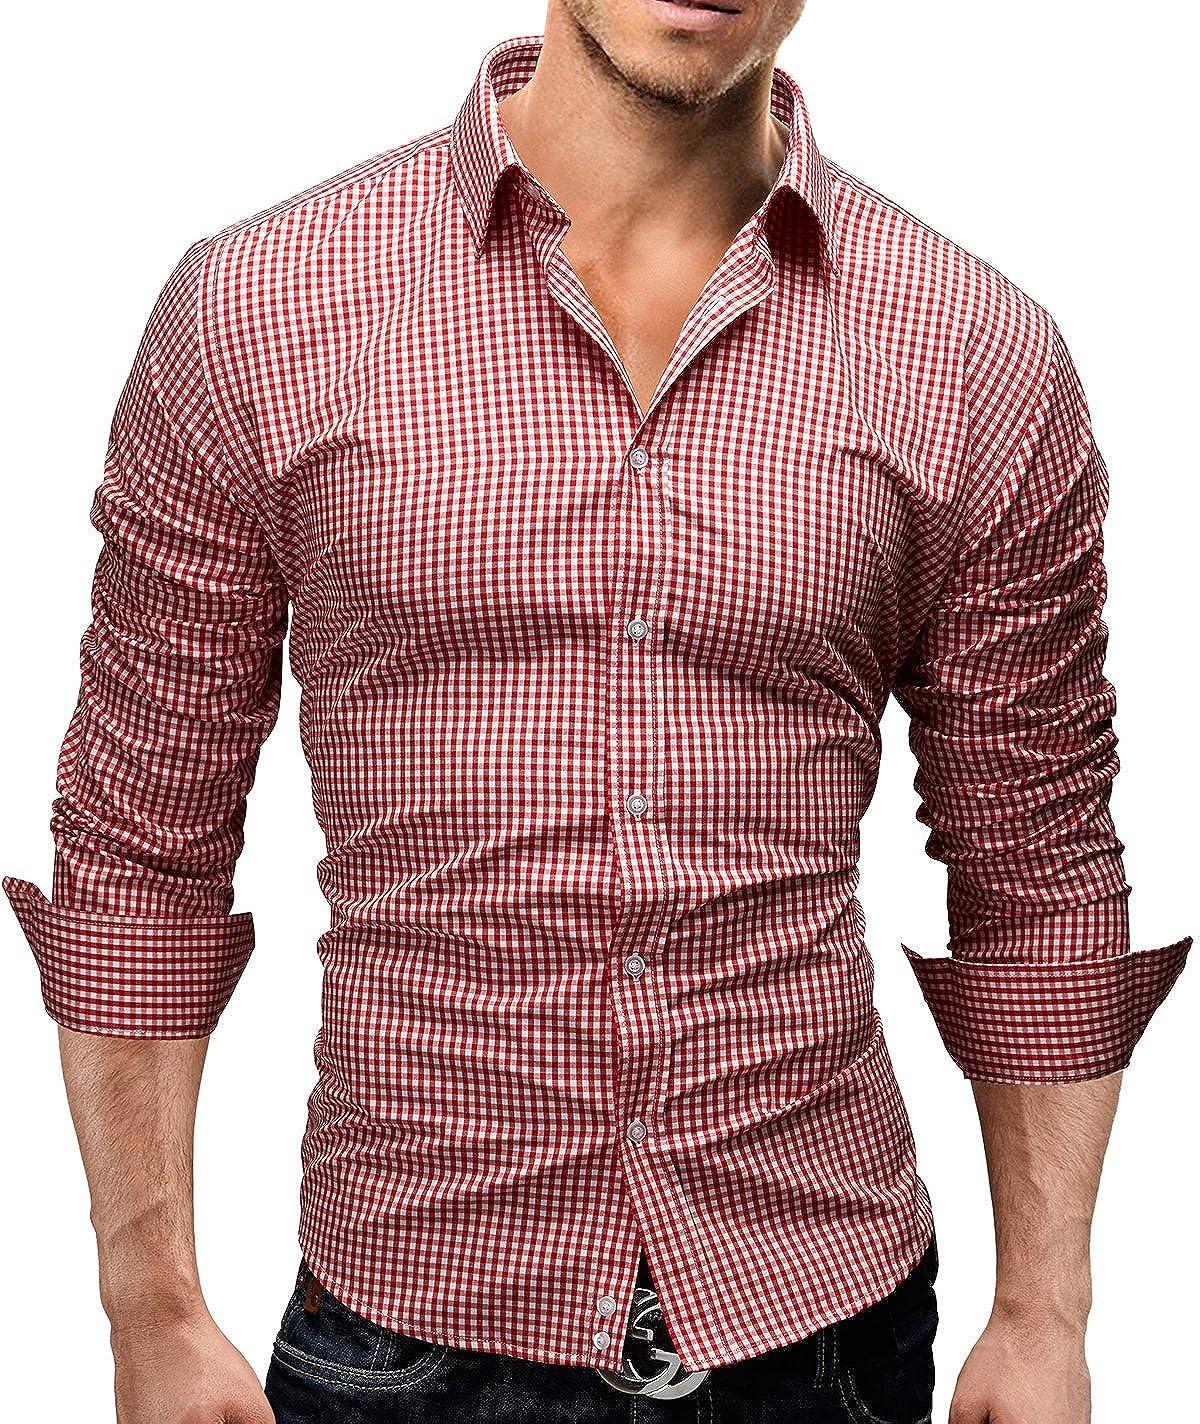 Slim Fit 5 Colori Taglia S XXL Modell 41 disegno speciale Merish Camicia Uomo a scacchi